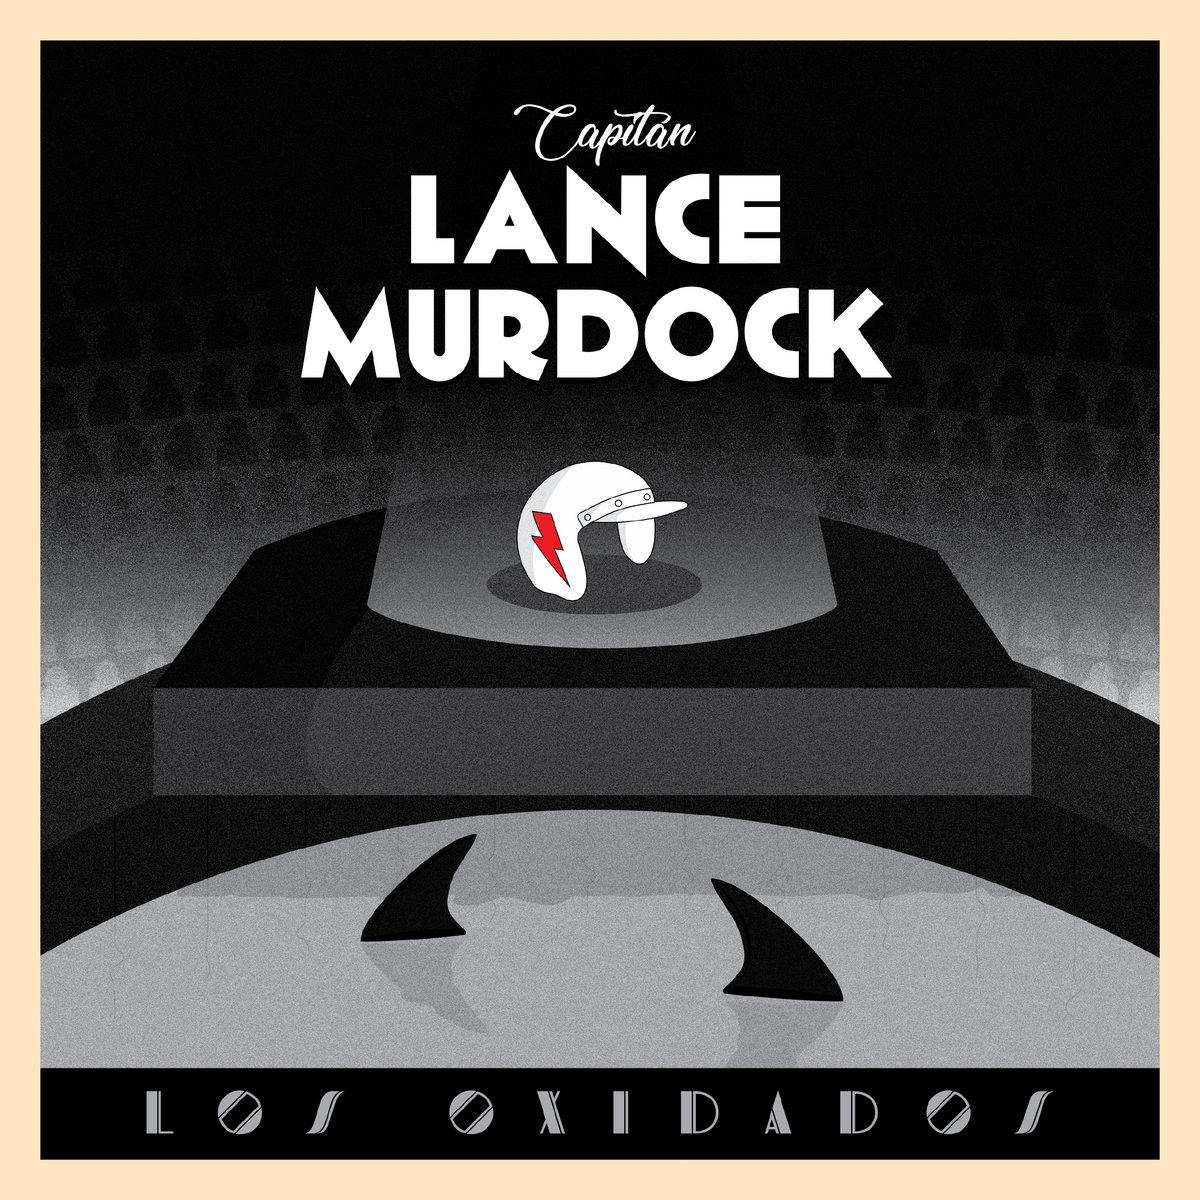 Capitán Lance Murdock by Los Oxidados